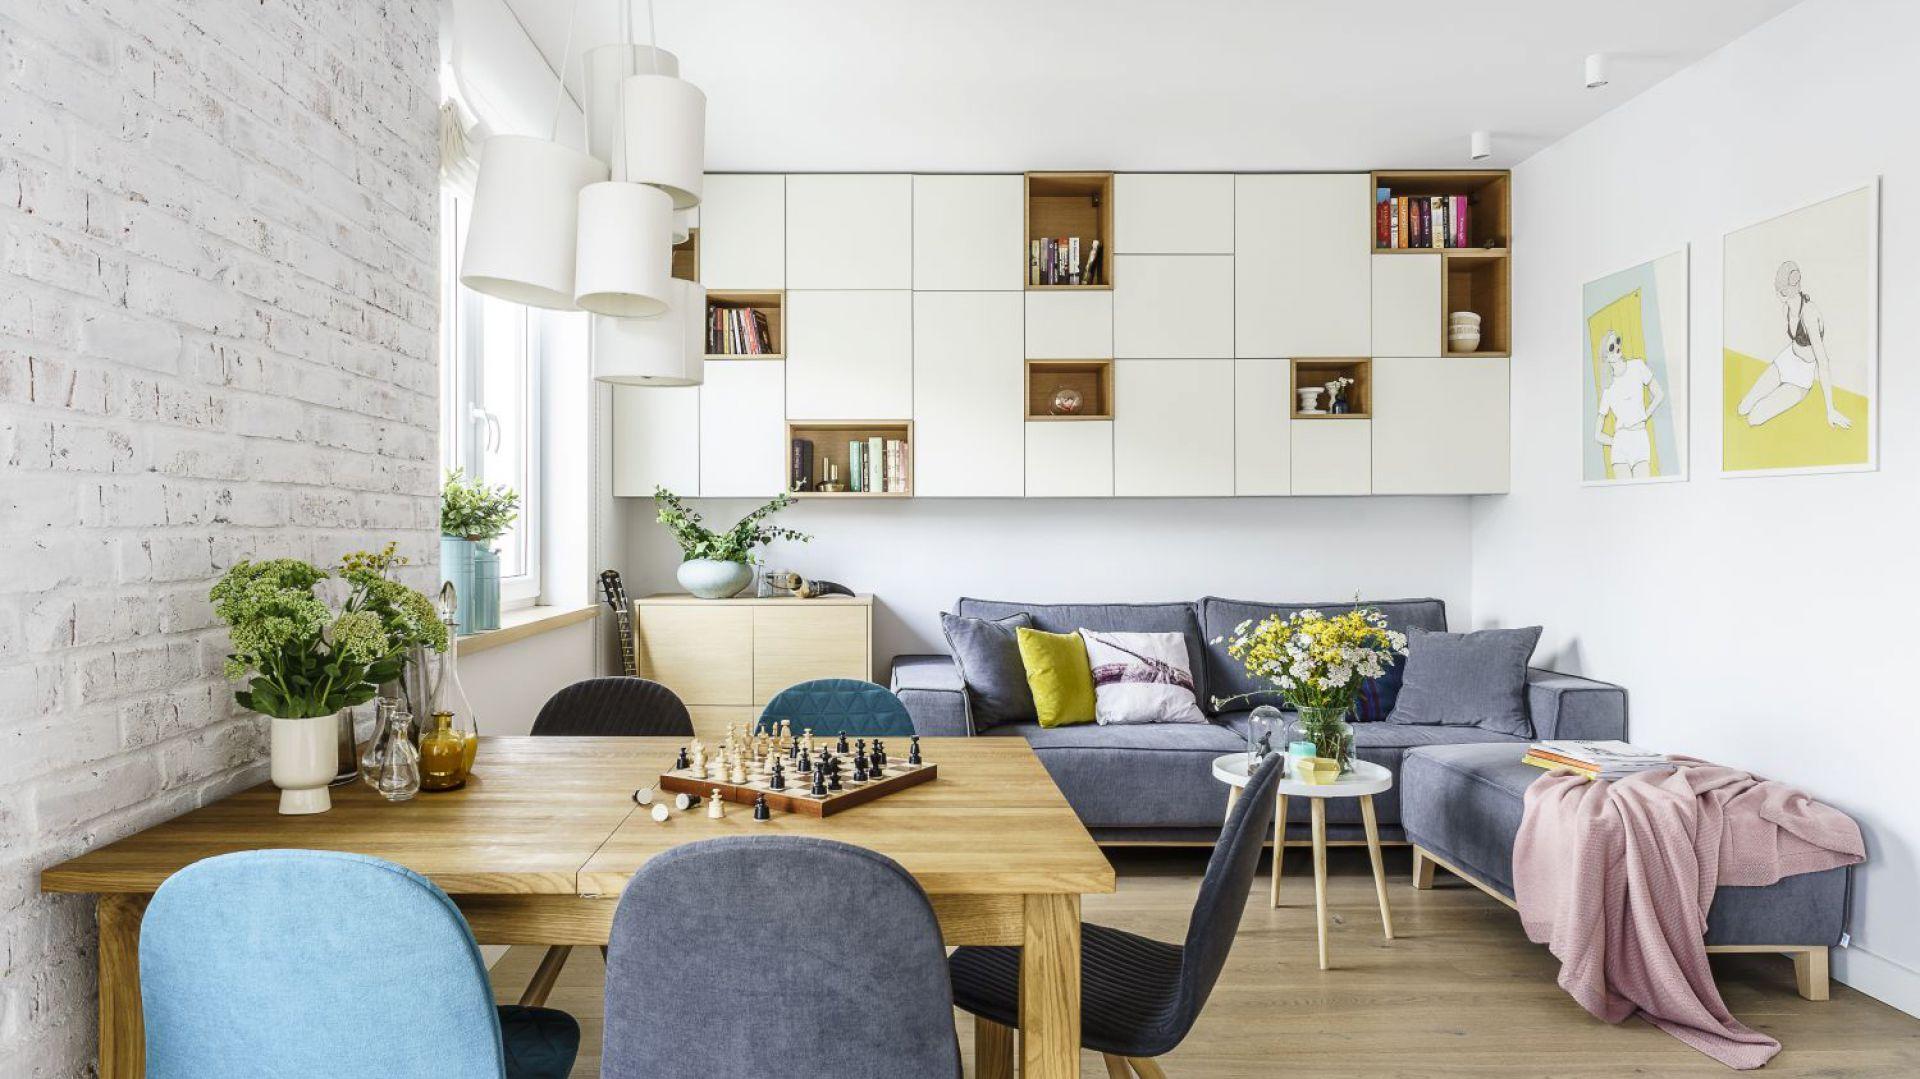 Nowoczesne, jasne mieszkanie. Projekt: arch. Joanna Morkowska-Saj, Saje Architekci. Fot. Foto&Mohito